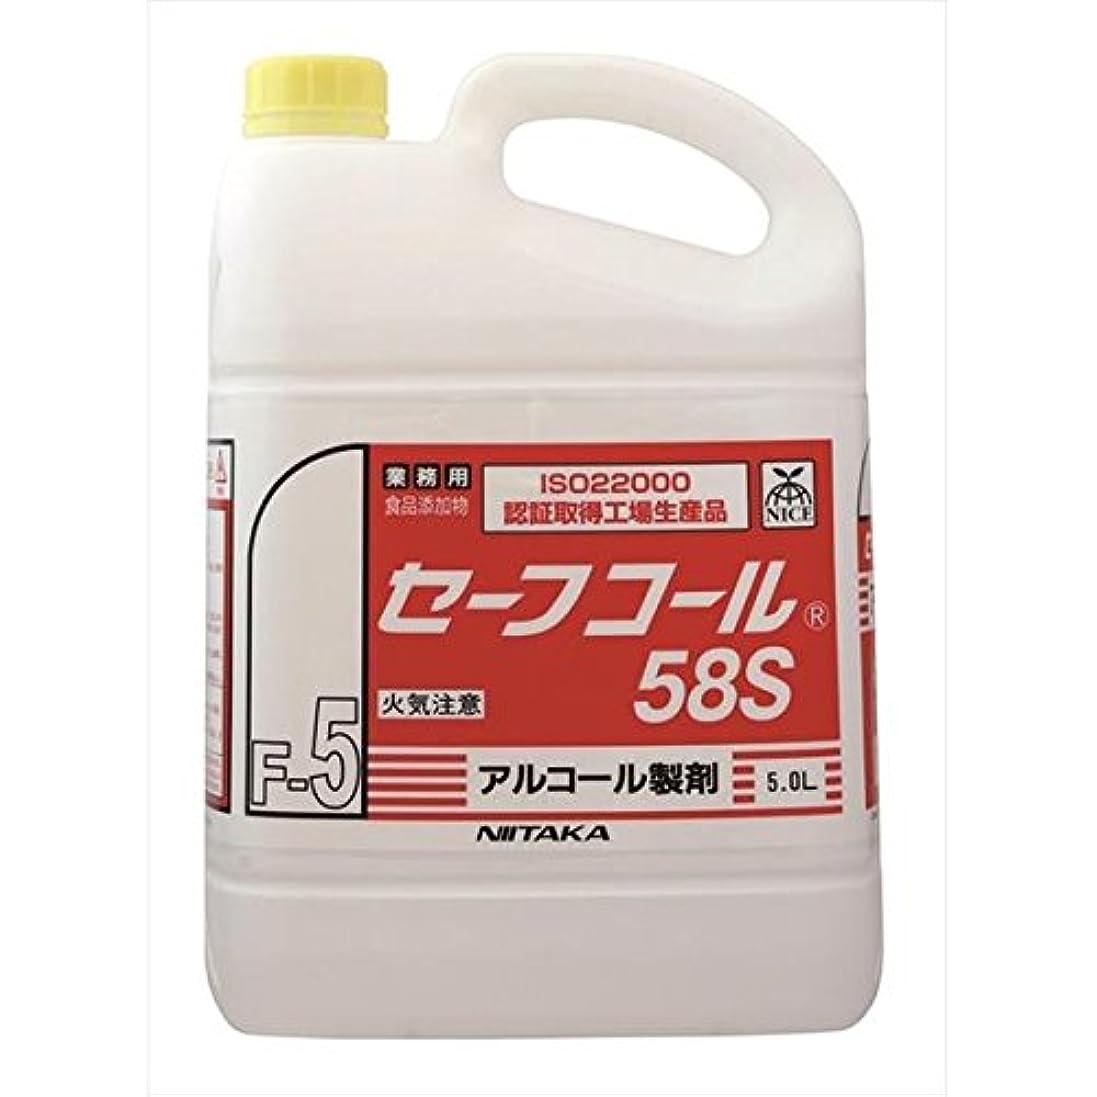 穏やかなバーチャル冷蔵庫ニイタカ:セーフコール58S(F-5) 5L×4 270431